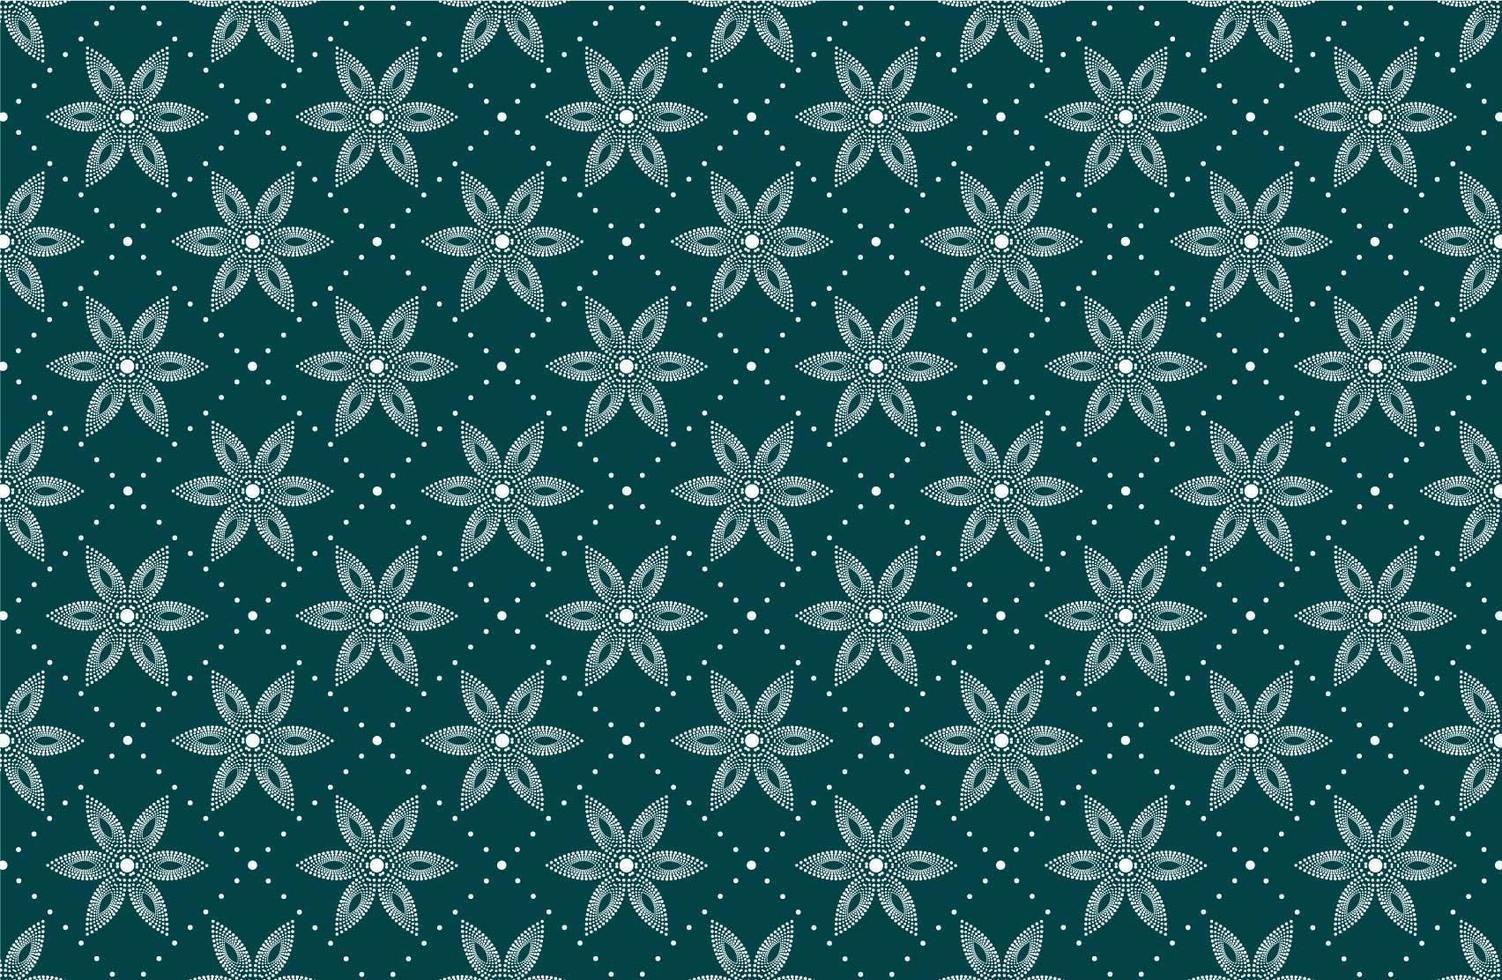 nahtloses Muster mit gepunkteten weißen Blüten vektor